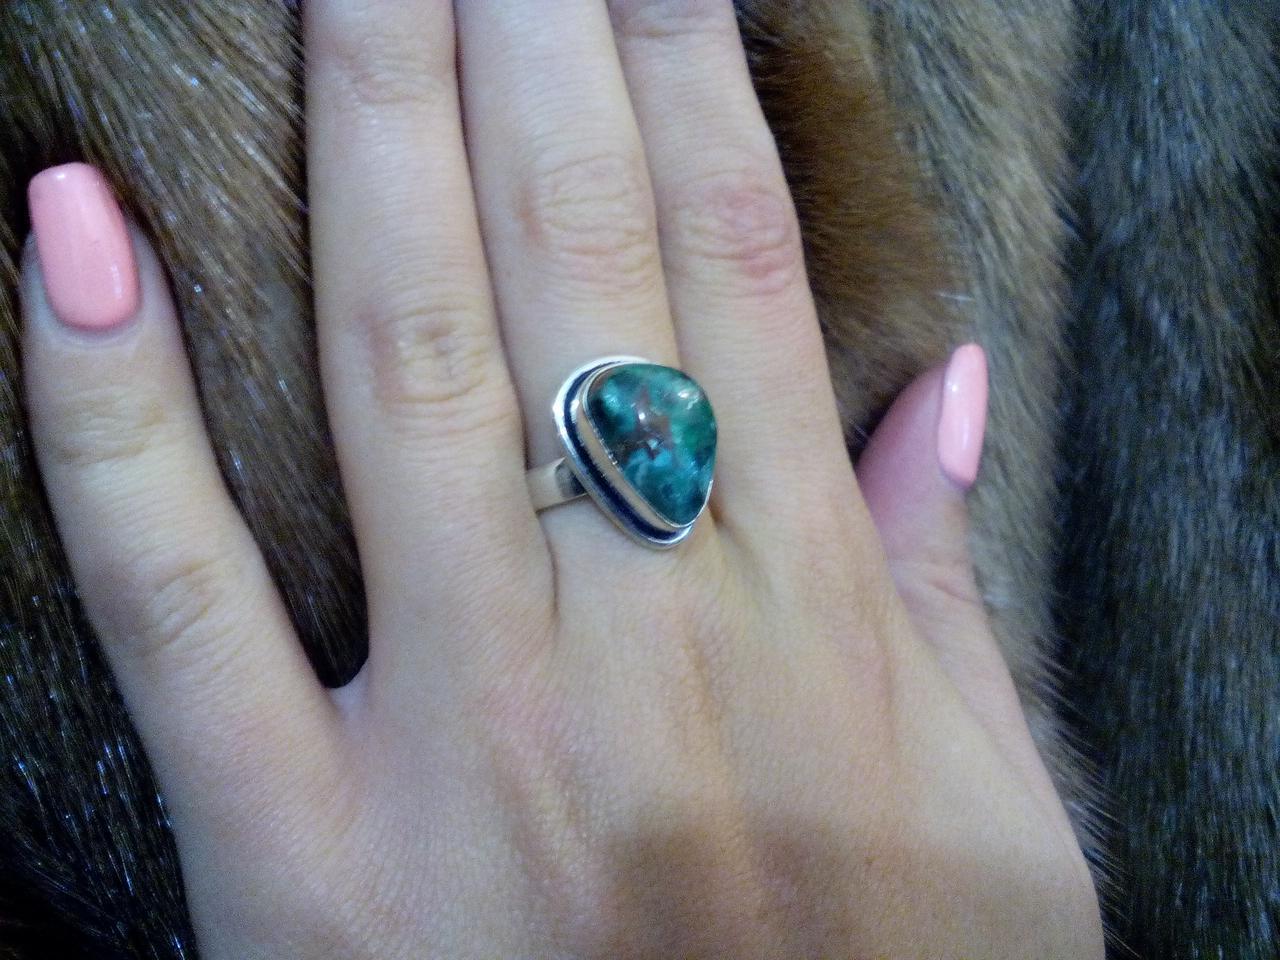 Красивое кольцо с камнем хризоколла в серебре кольцо с хризоколлой 19,5 размер